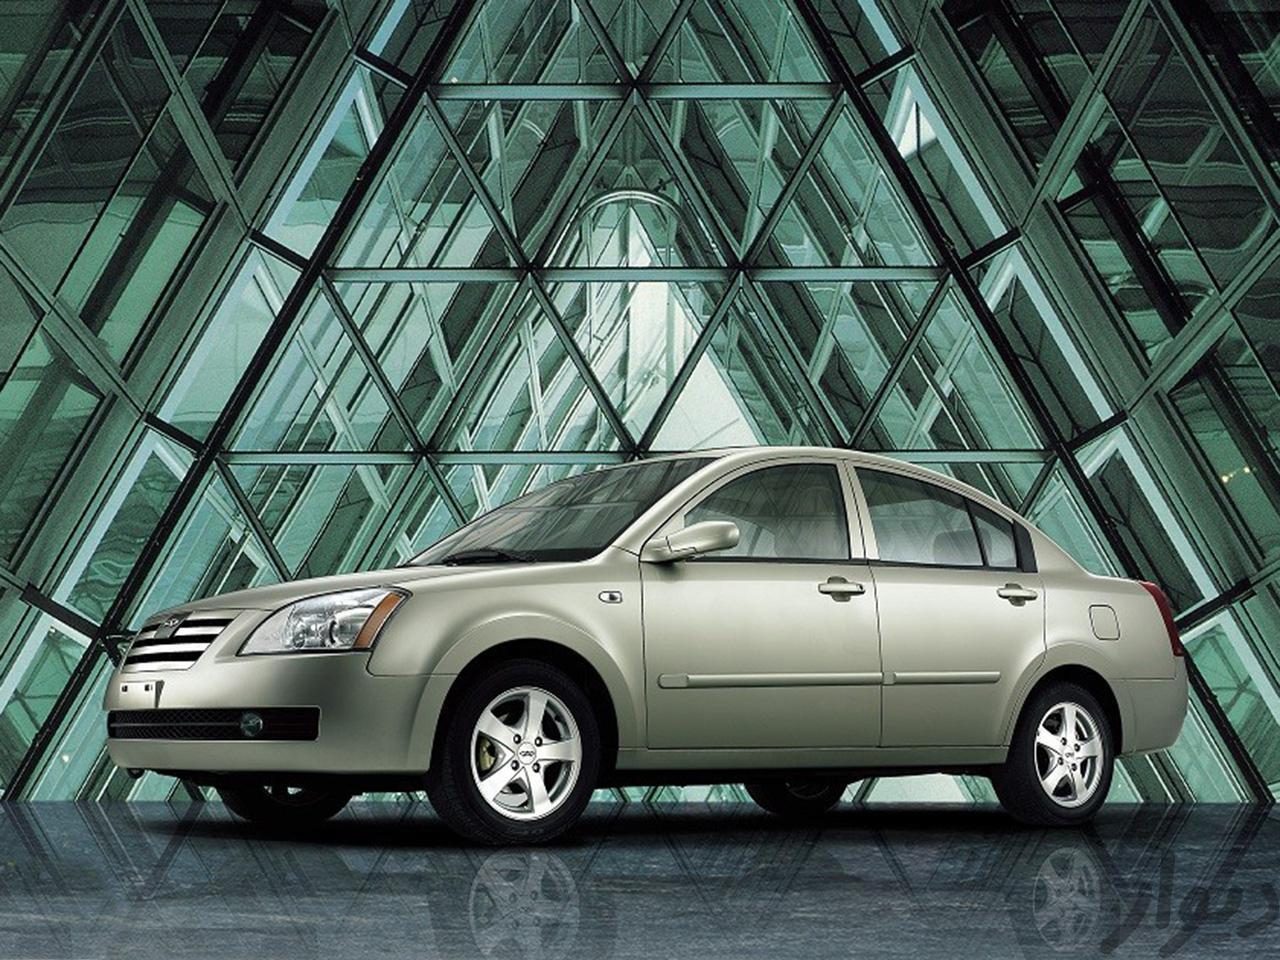 بررسی مشخصات فنی، نقد کارشناسی و قیمت روز خودرو امویام 530 - عکس شماره سه